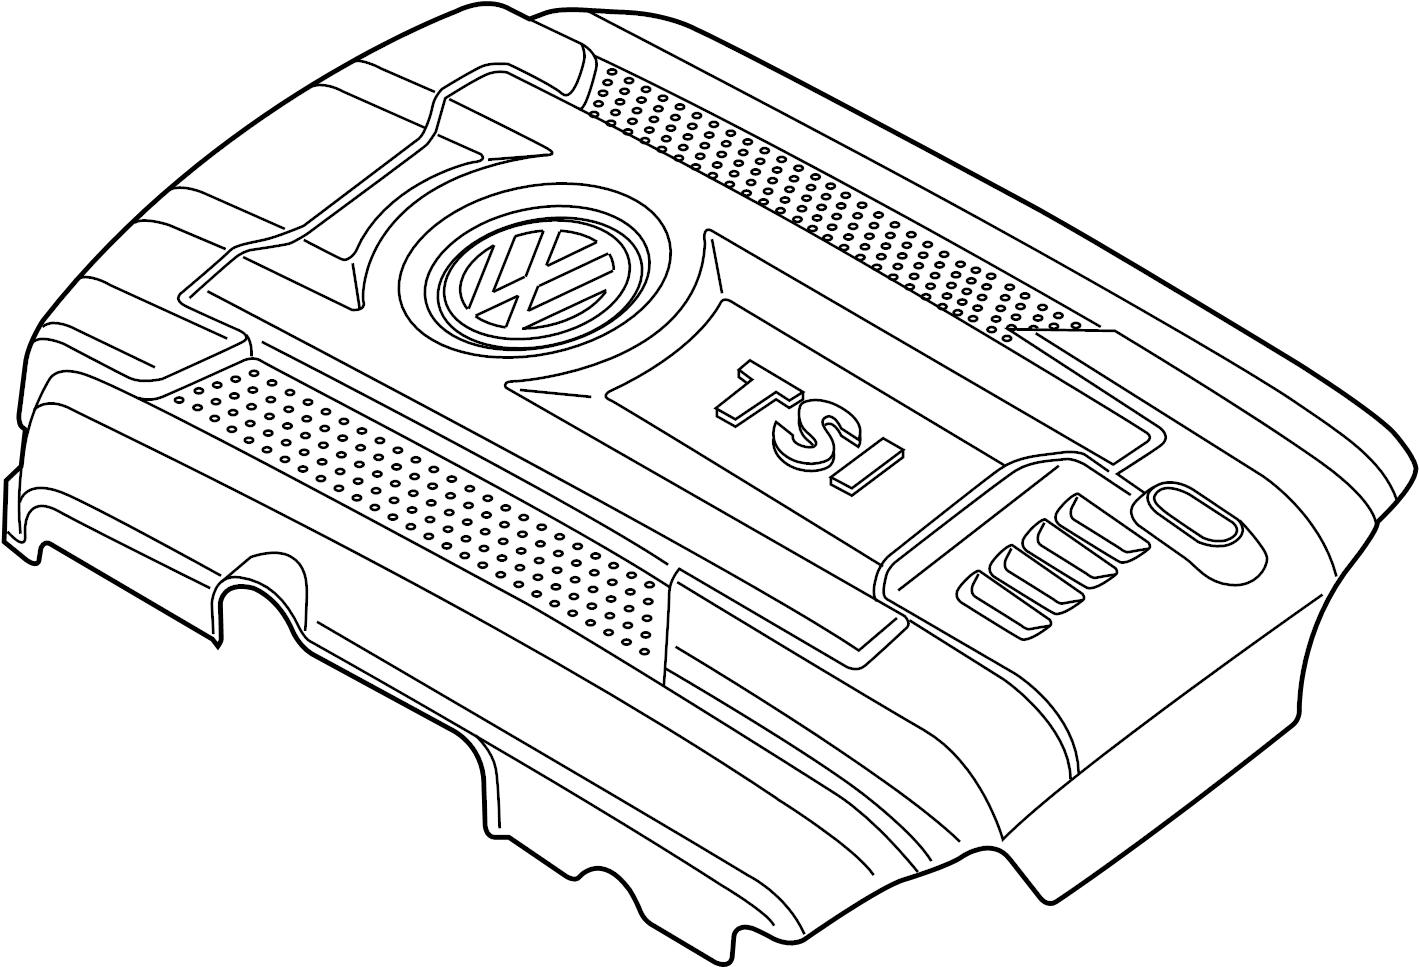 Volkswagen Passat Engine cover. 1.8 LITER. 2014-18. VIN